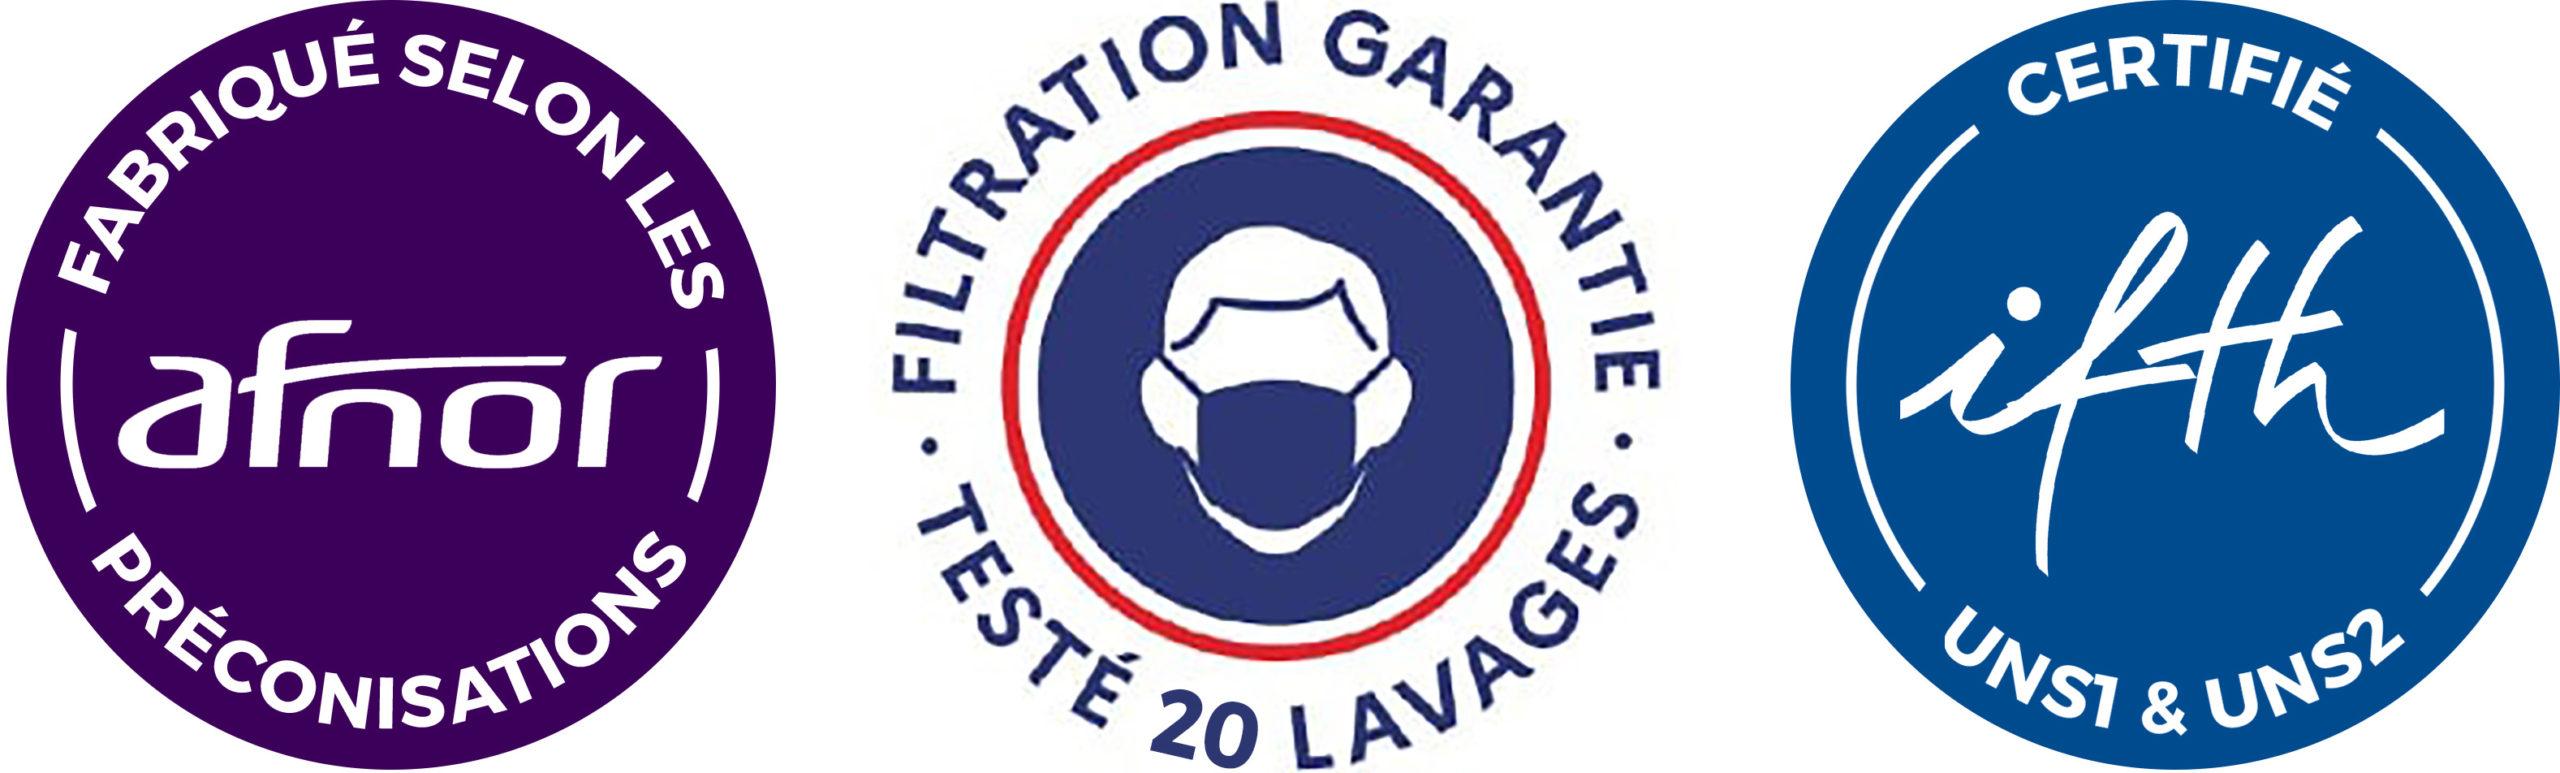 Logo des normes AFNOR, (AFNOR S76-001)